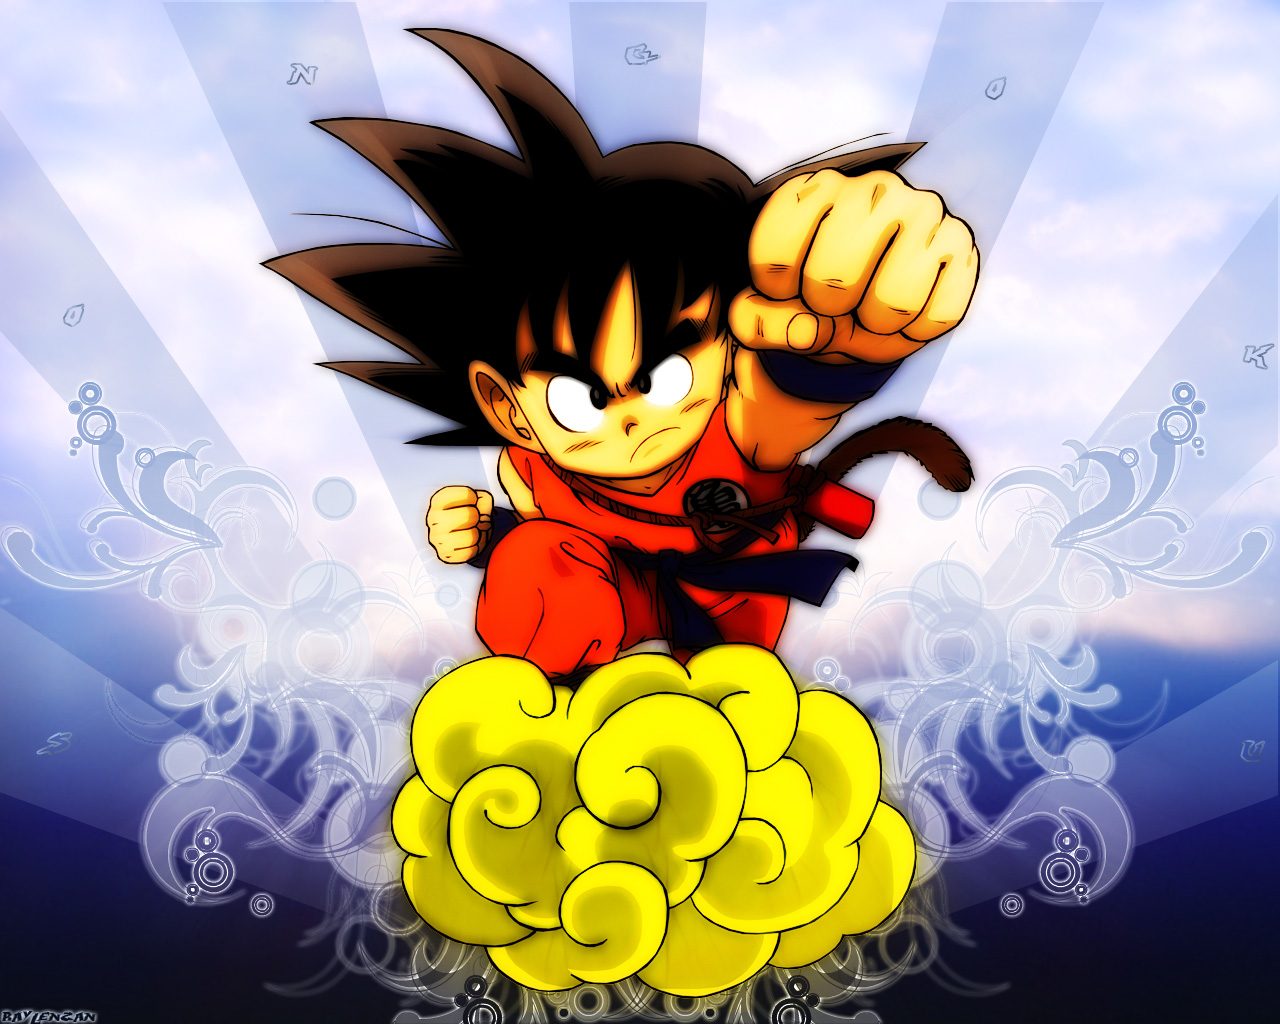 Son Goku 1280x1024